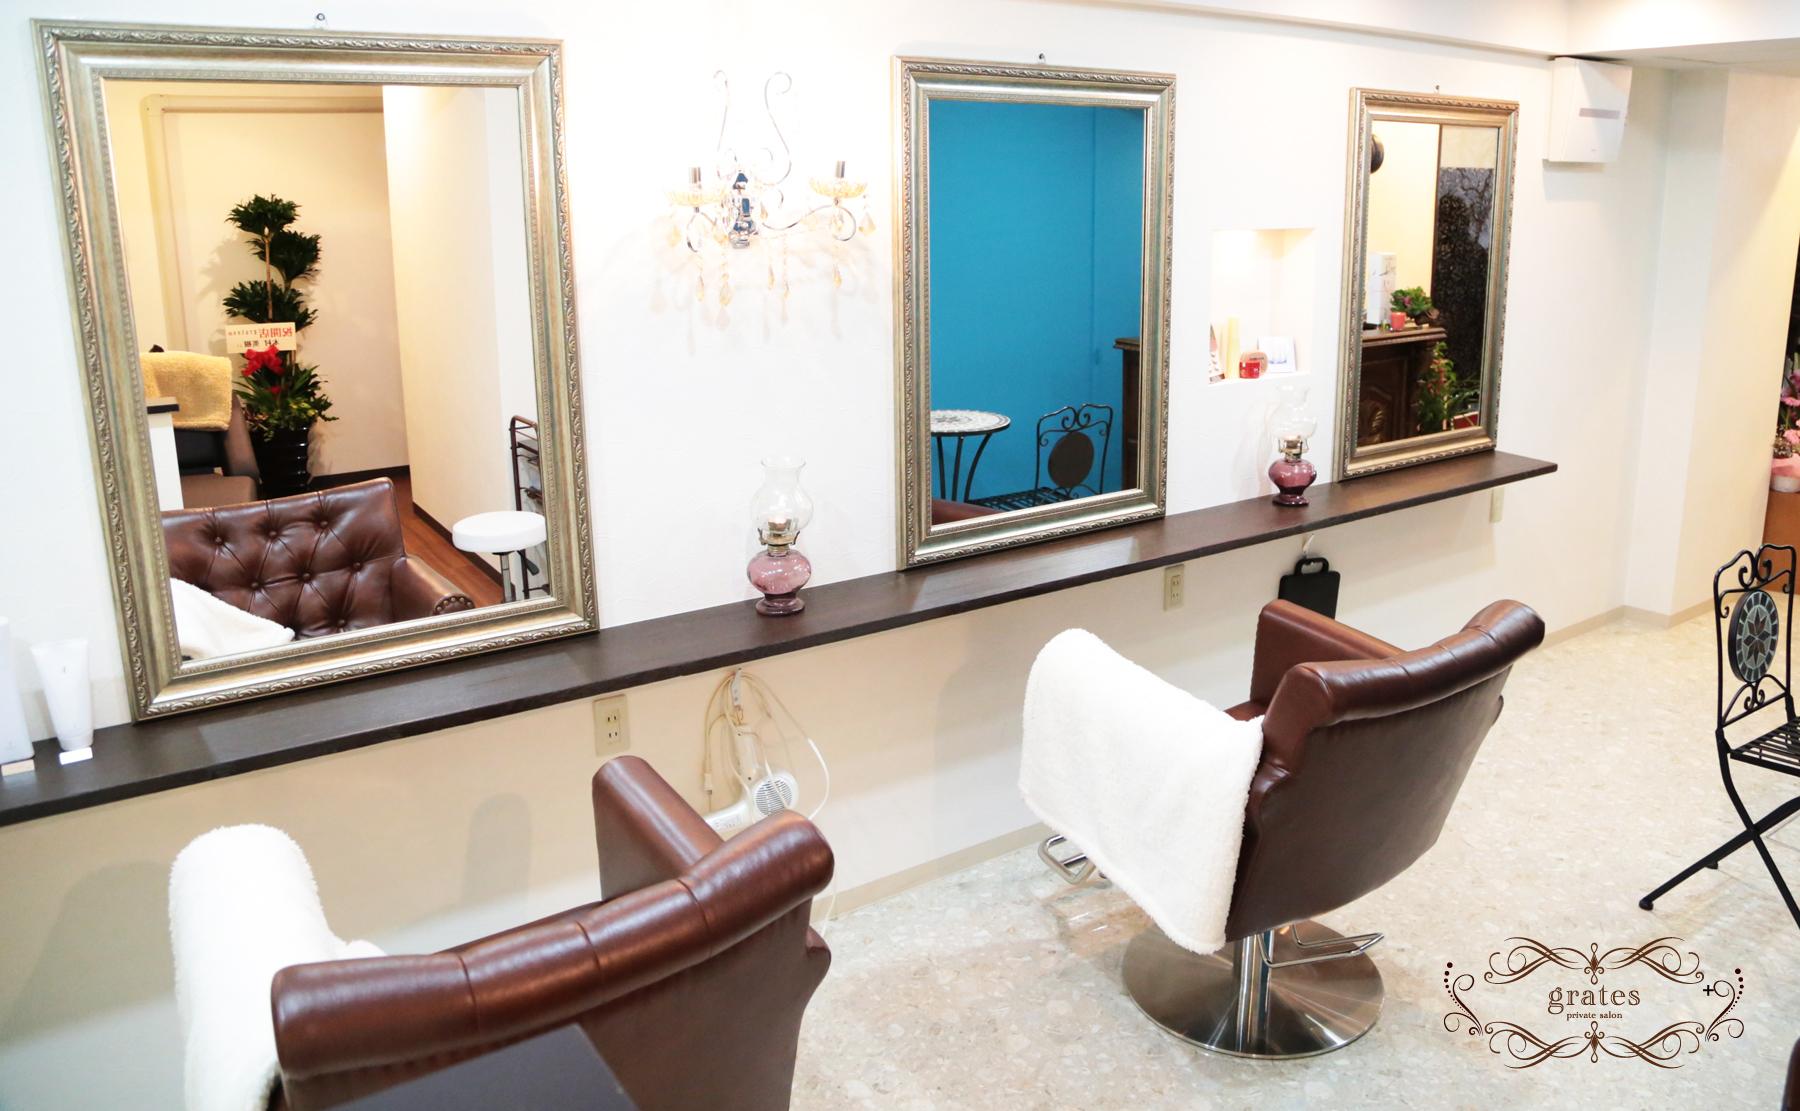 堺東の美容室・美容院|「grates」グラテス|ギャラリー